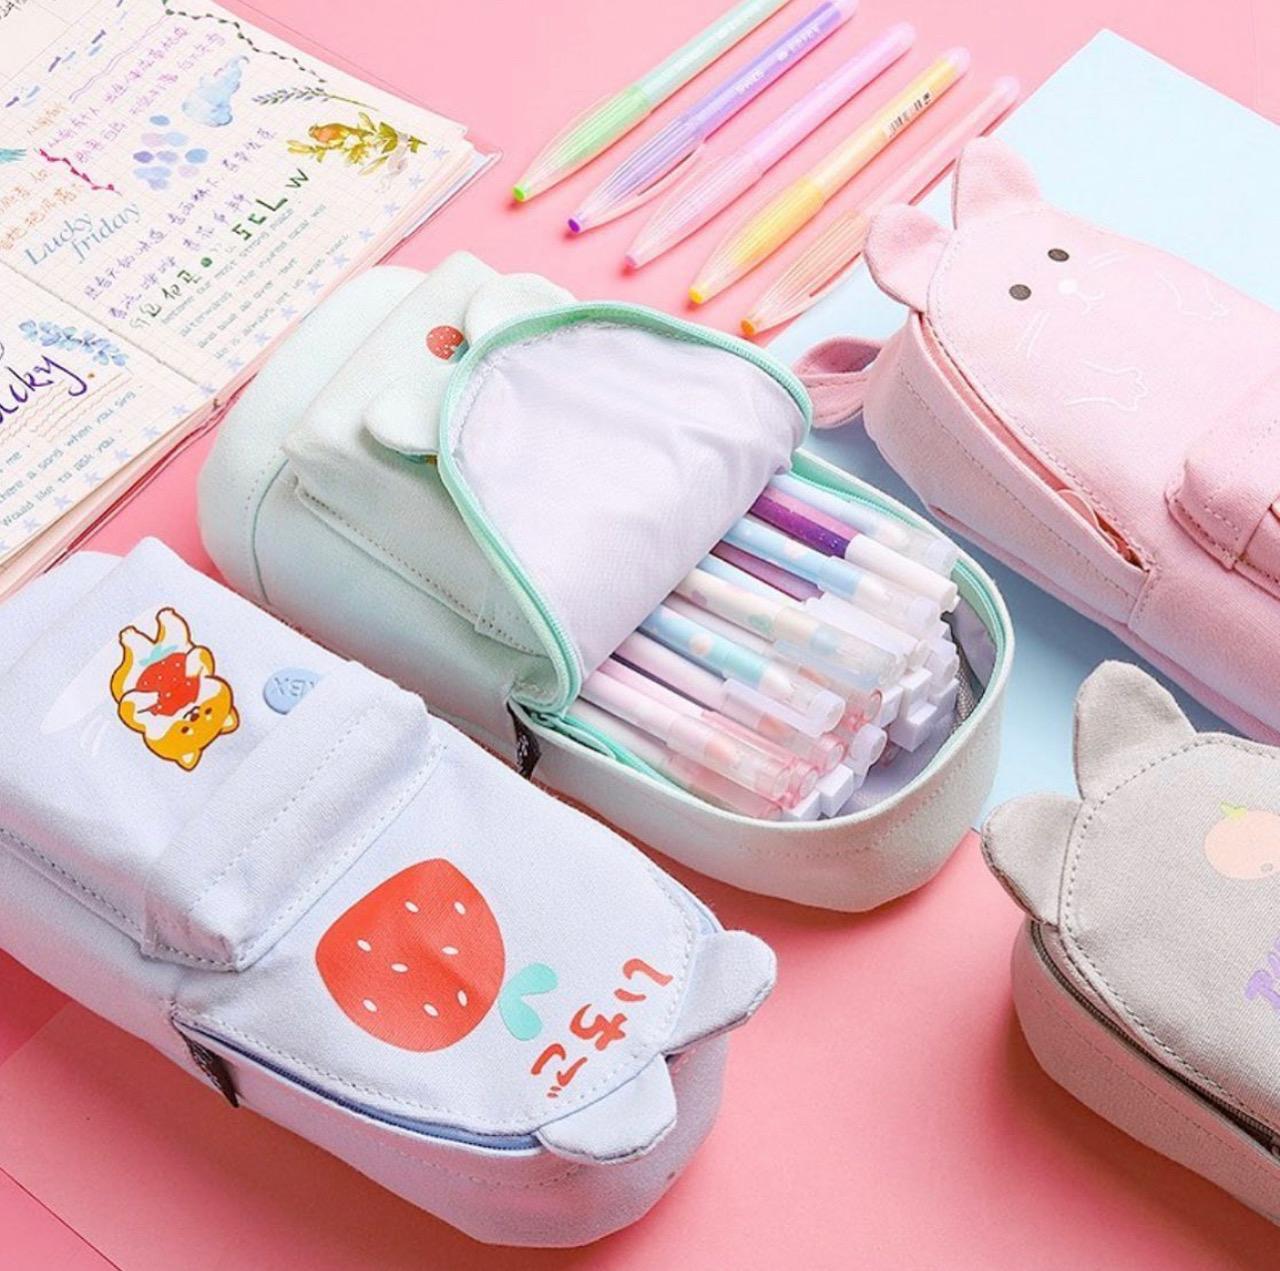 Kawaii Bunny Ears Pencil Case – Limited Edition